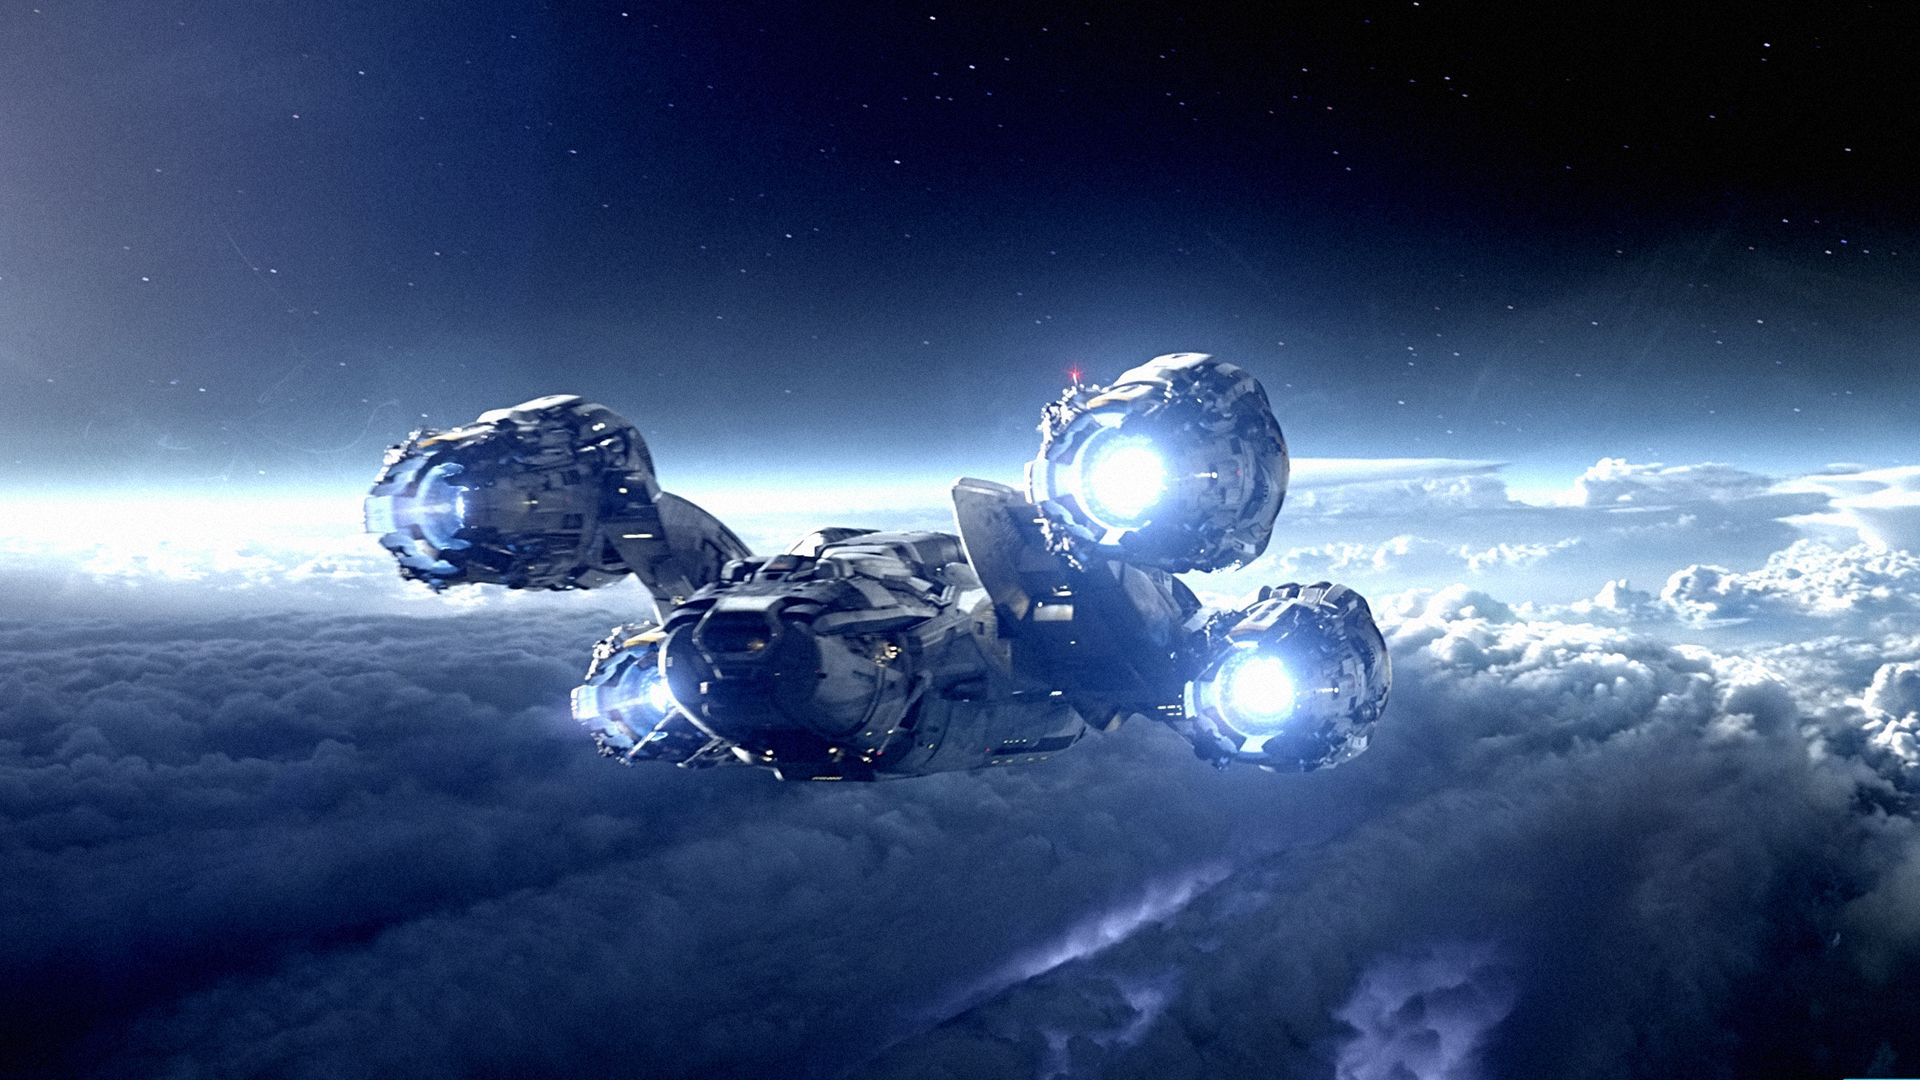 space ship screensaver